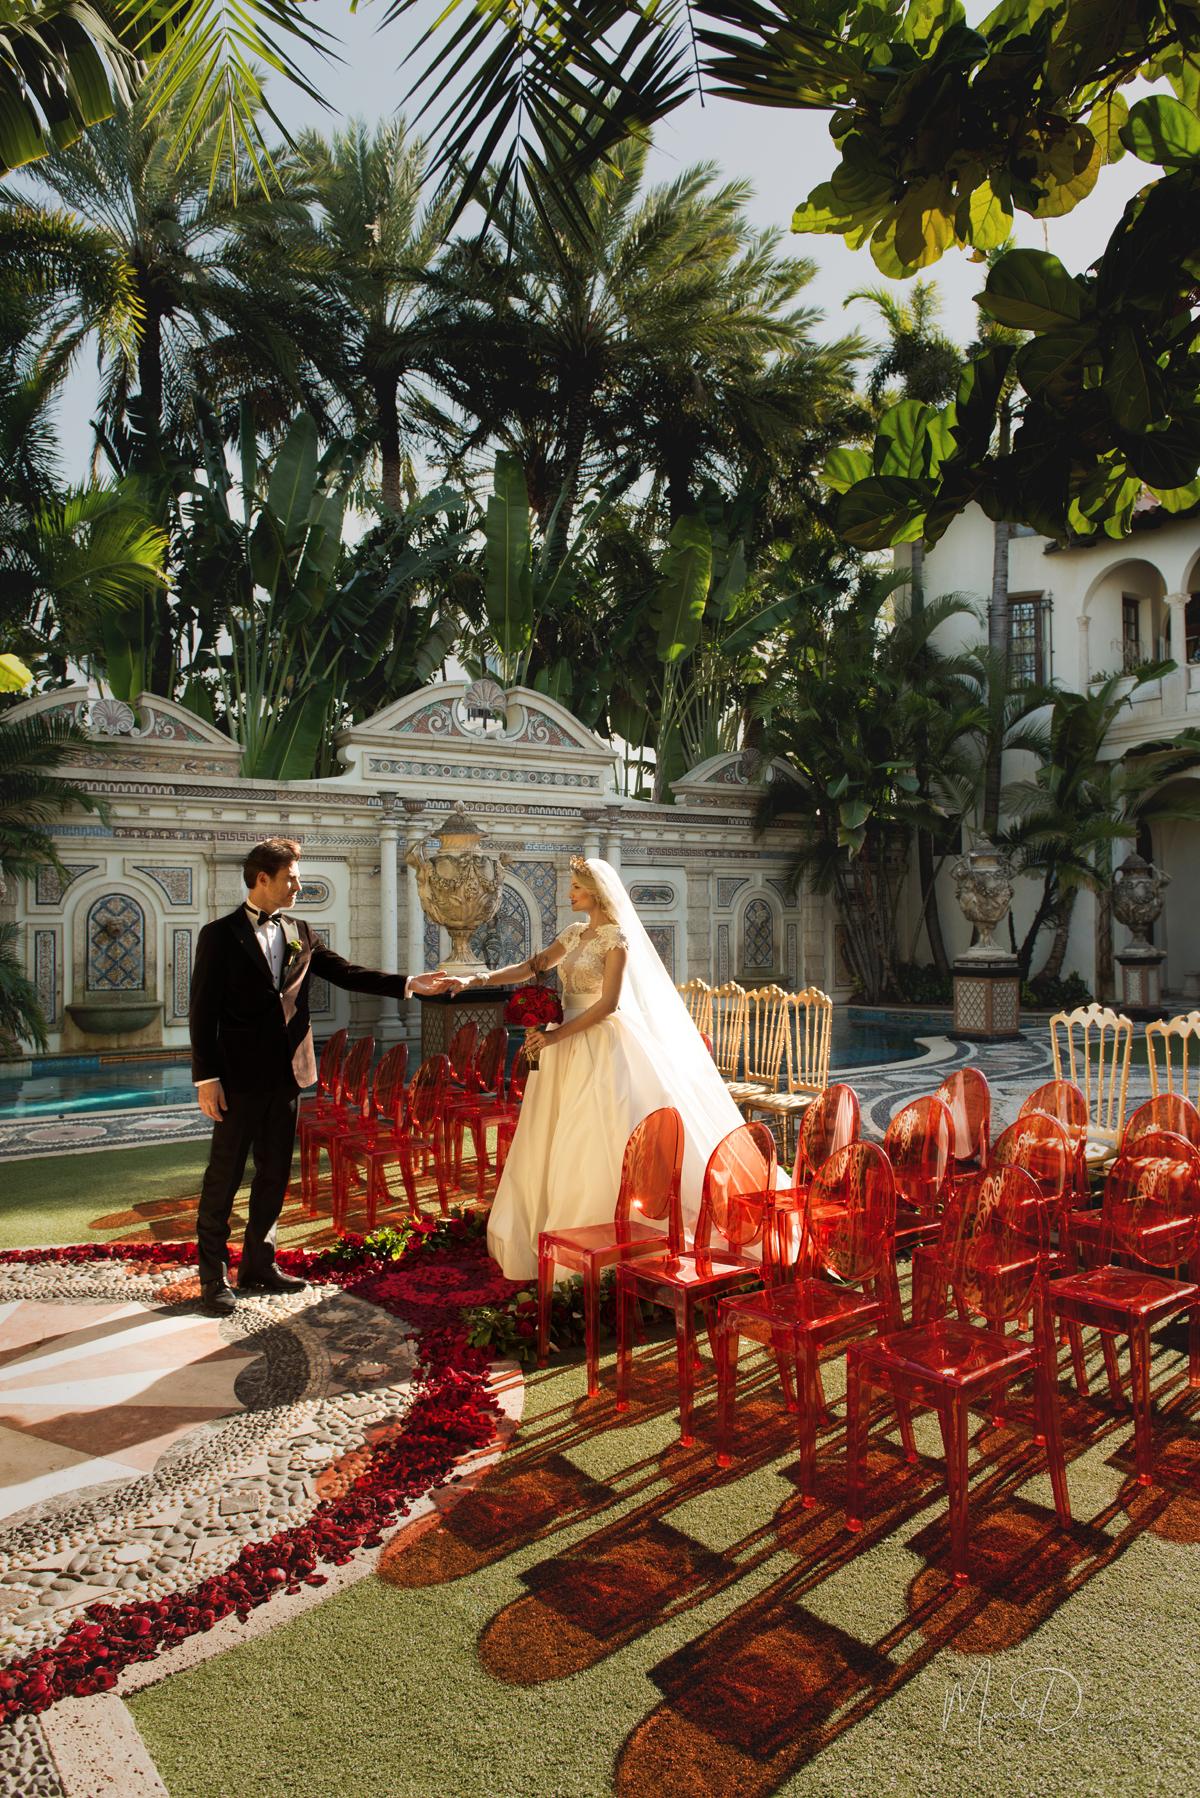 versace-mansion-wedding-manolo-doreste-16.jpg